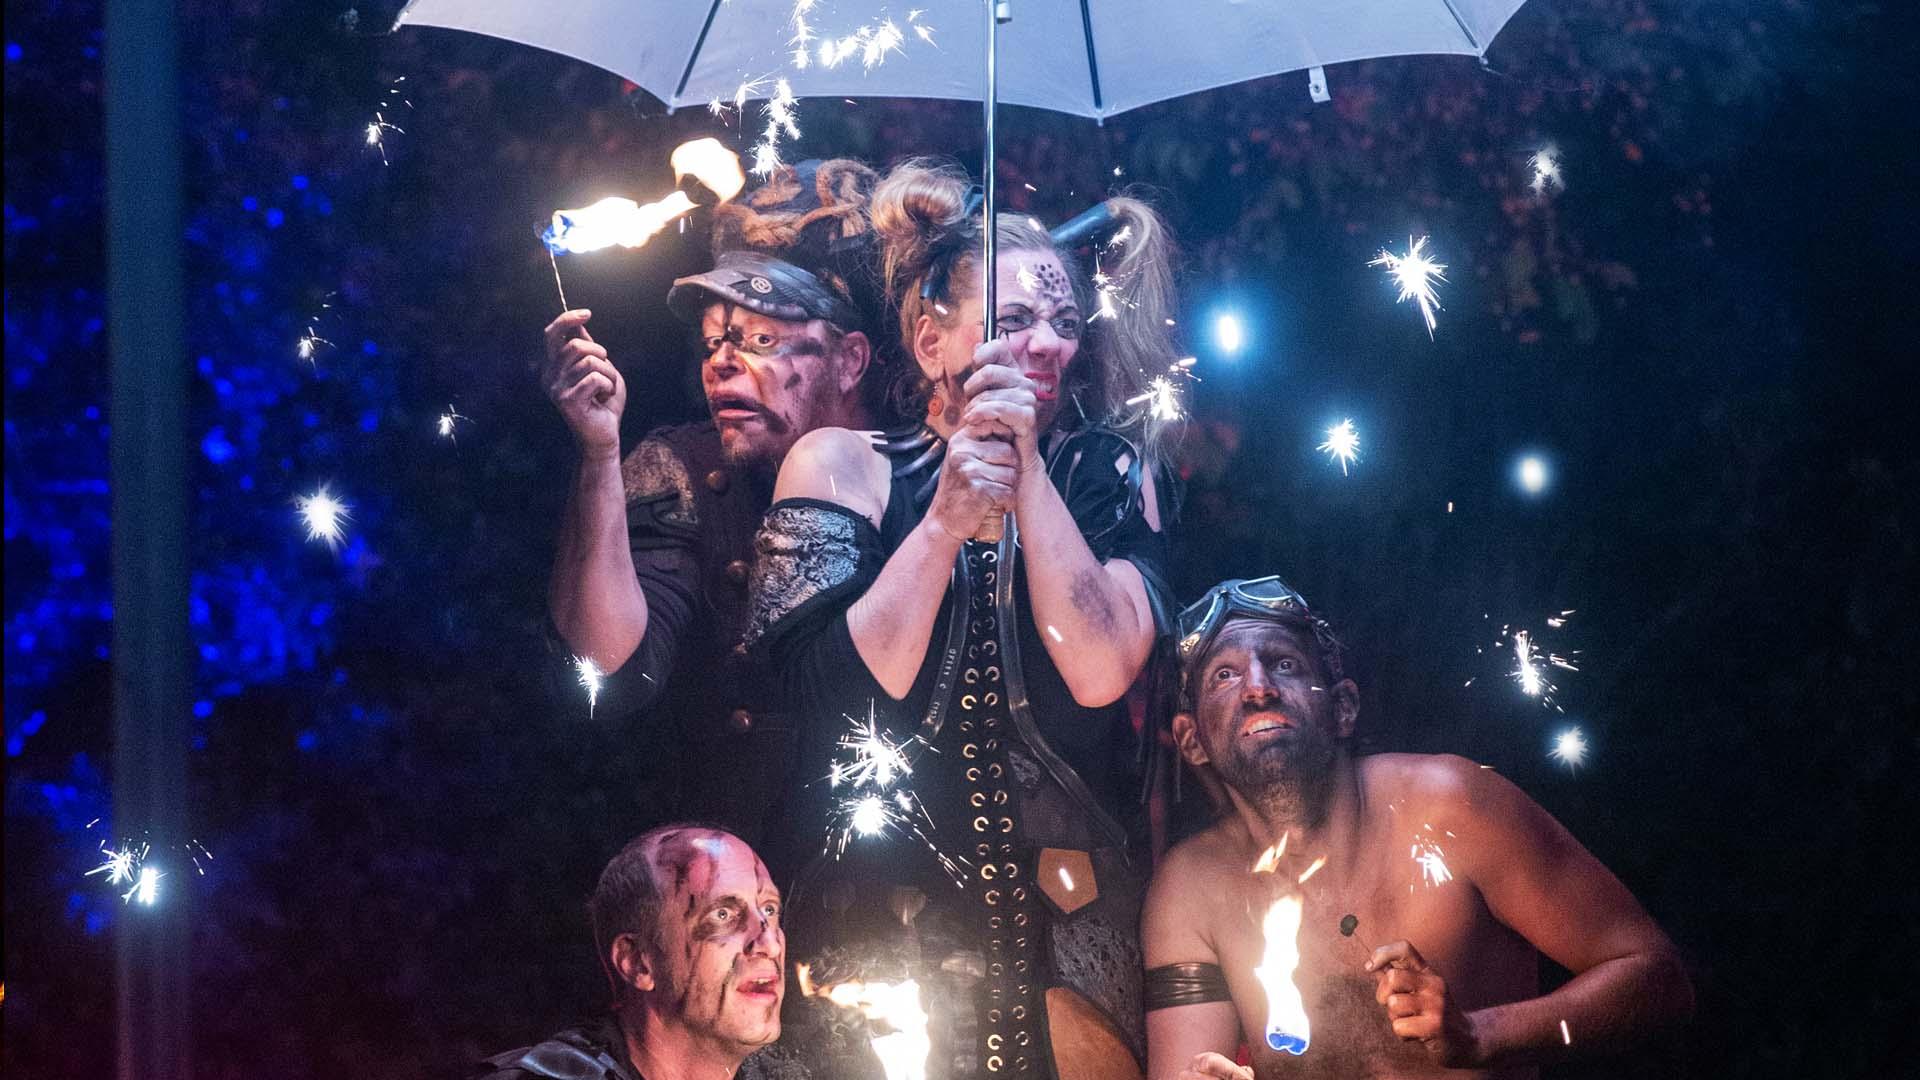 Foiah Feuershow in der Zoom Erlebniswelt in Gelsenkirchen, NRW